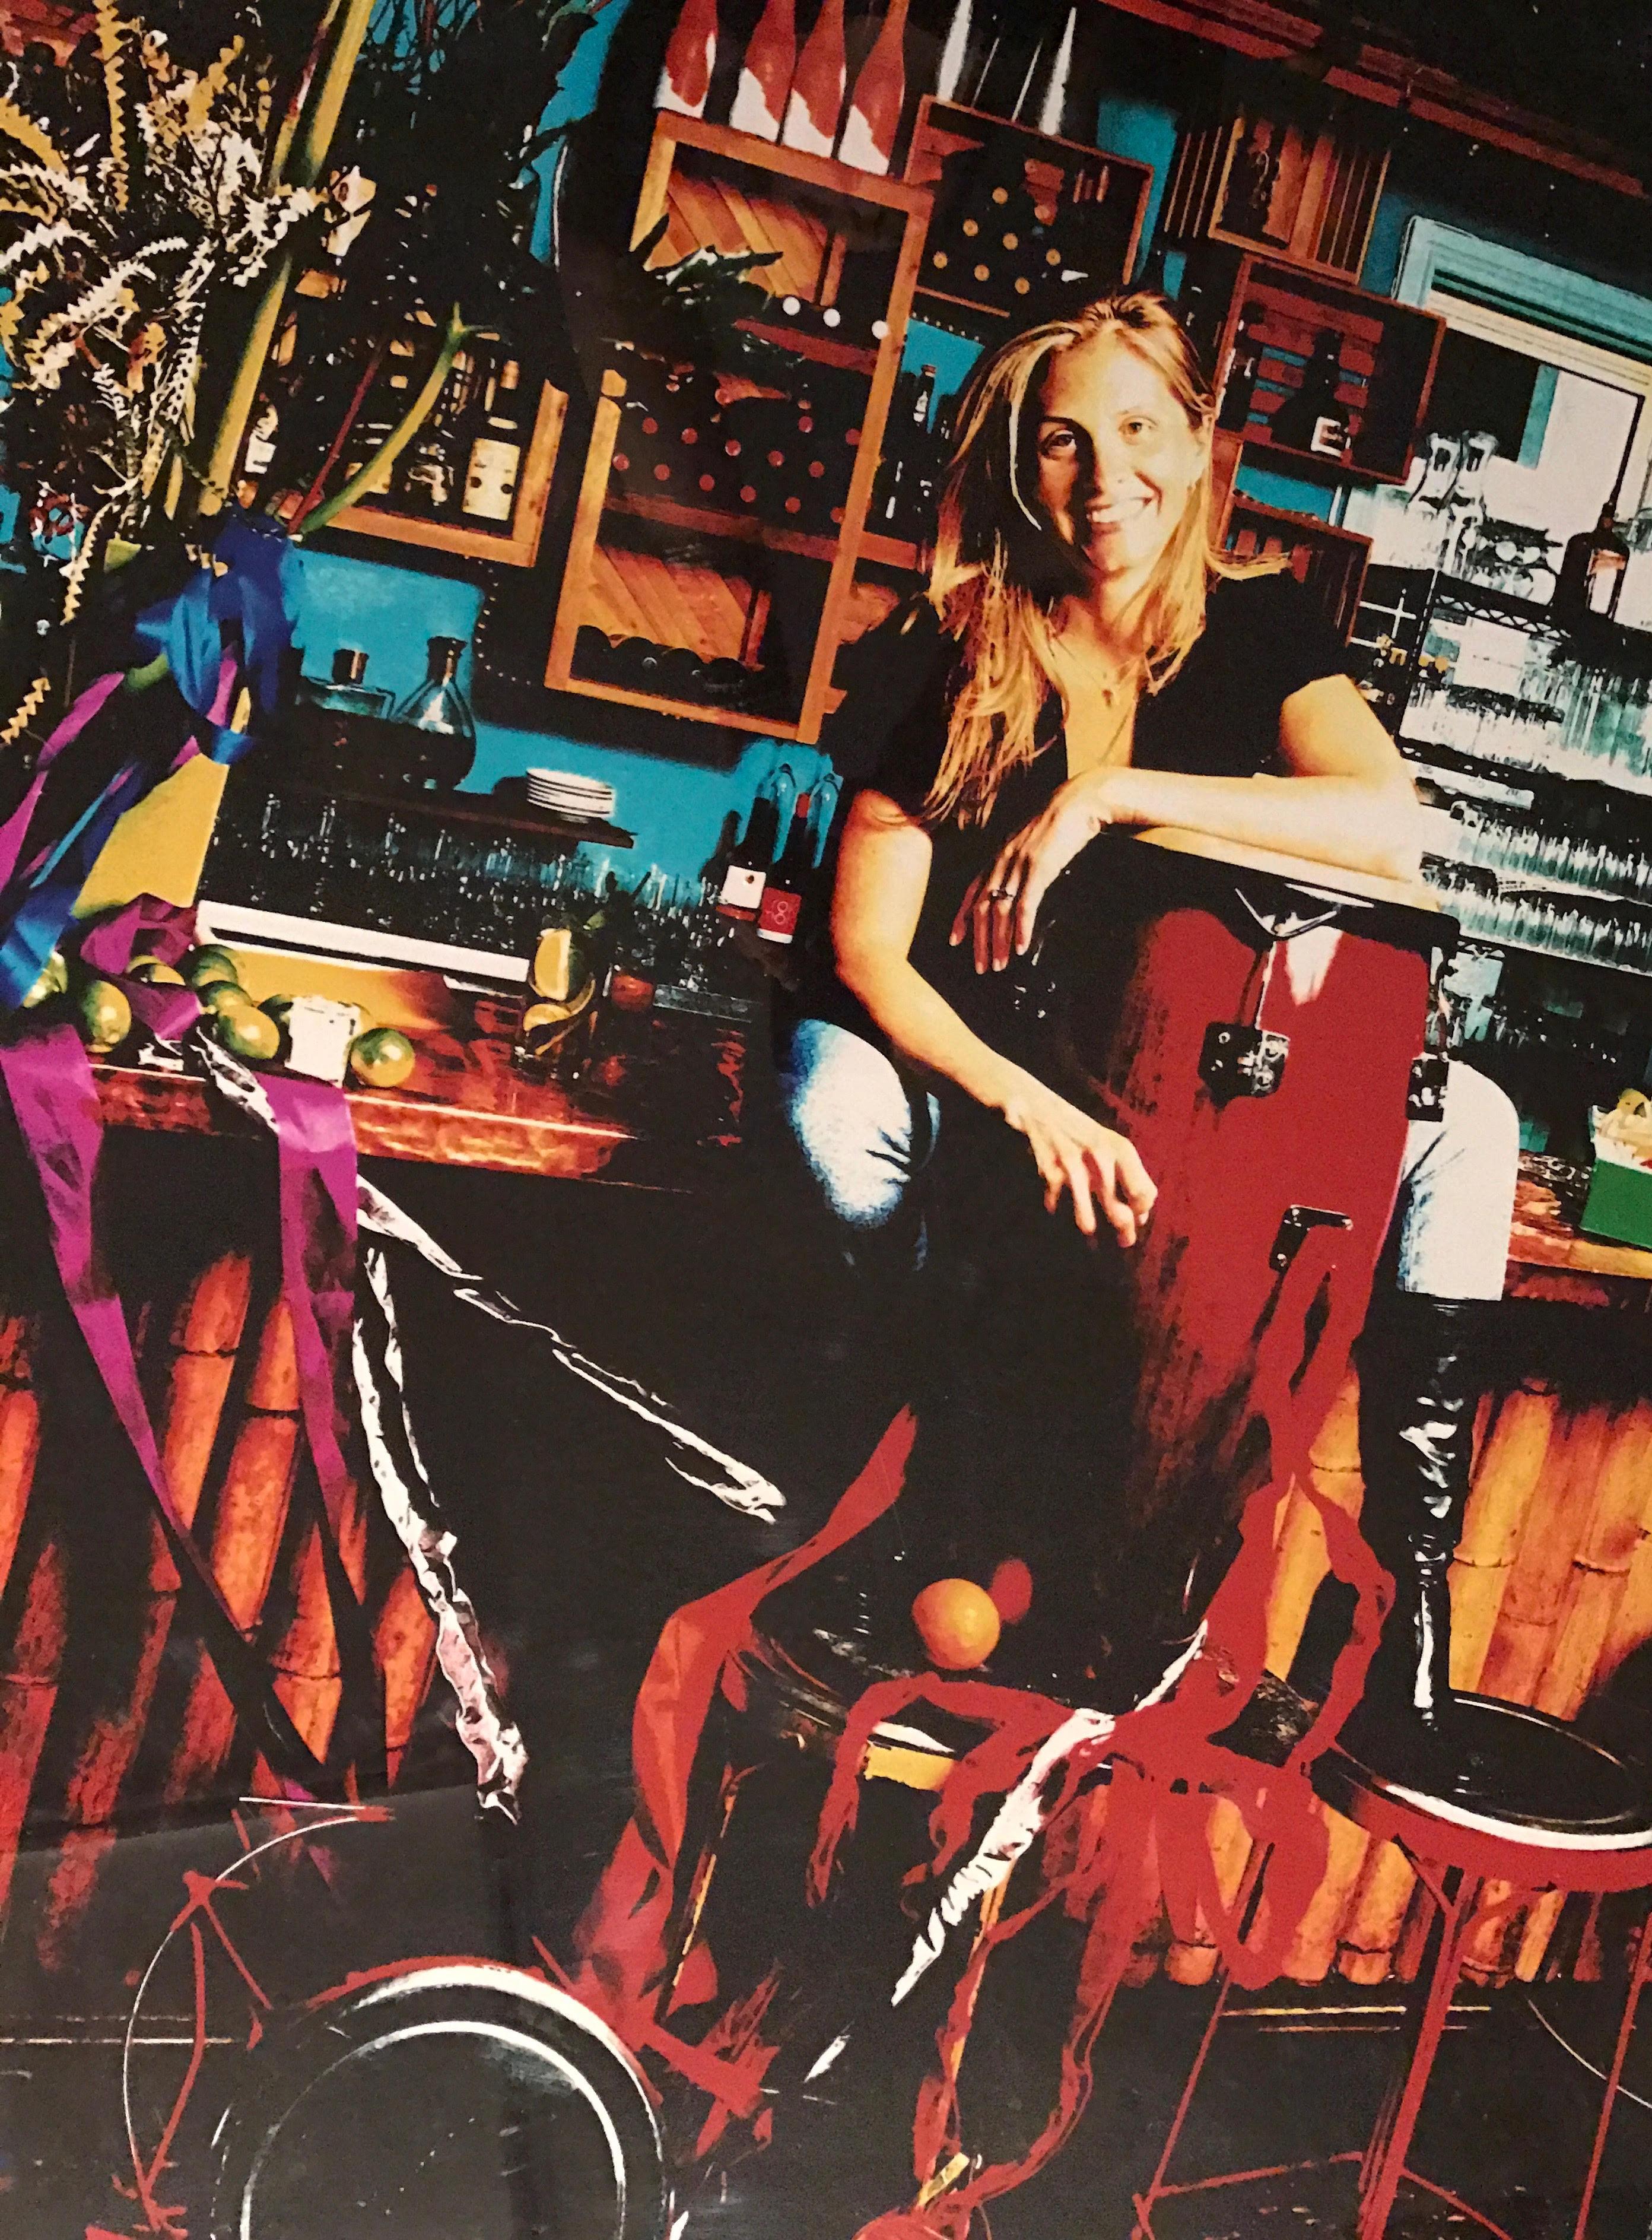 Kristy Bigelow Owner of Cuba Cuba in Denver